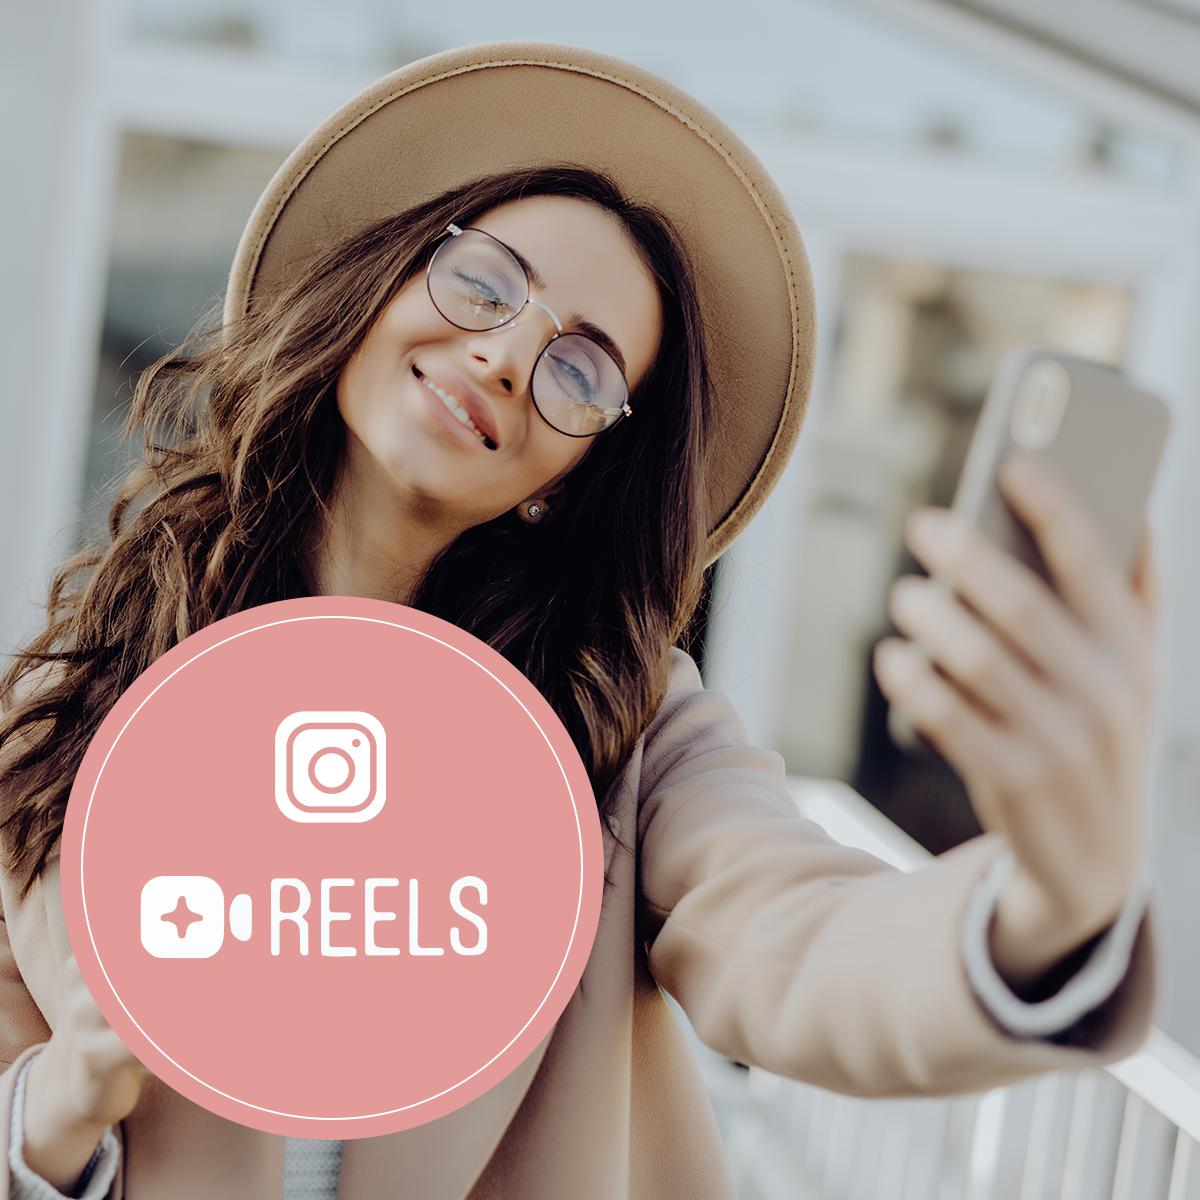 stylink, Vergütungsplattform für Influencer, Instagram Geld verdienen, YouTube Geld verdienen, Blog, Instagram Reels, als Influencer Instagram Reels nutzen